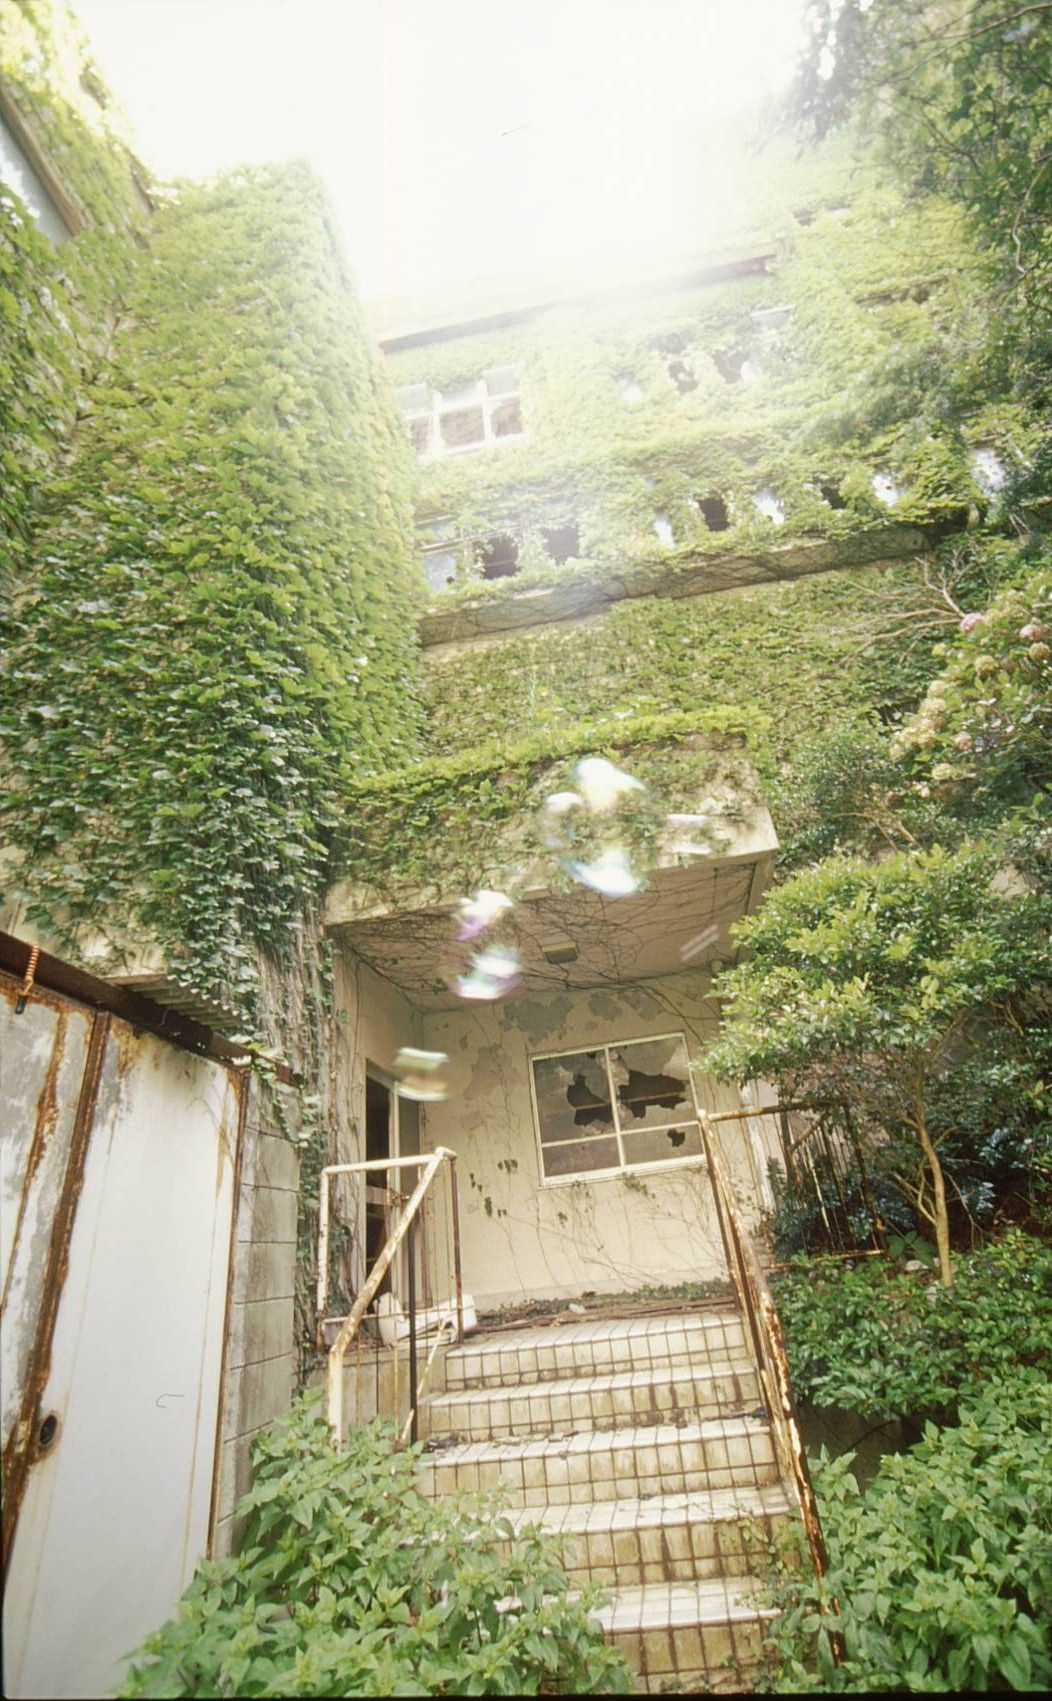 和歌山廃墟 スシヨシ楼 関西の洋館とレトロビル 廃墟 ビル 洋館 廃墟